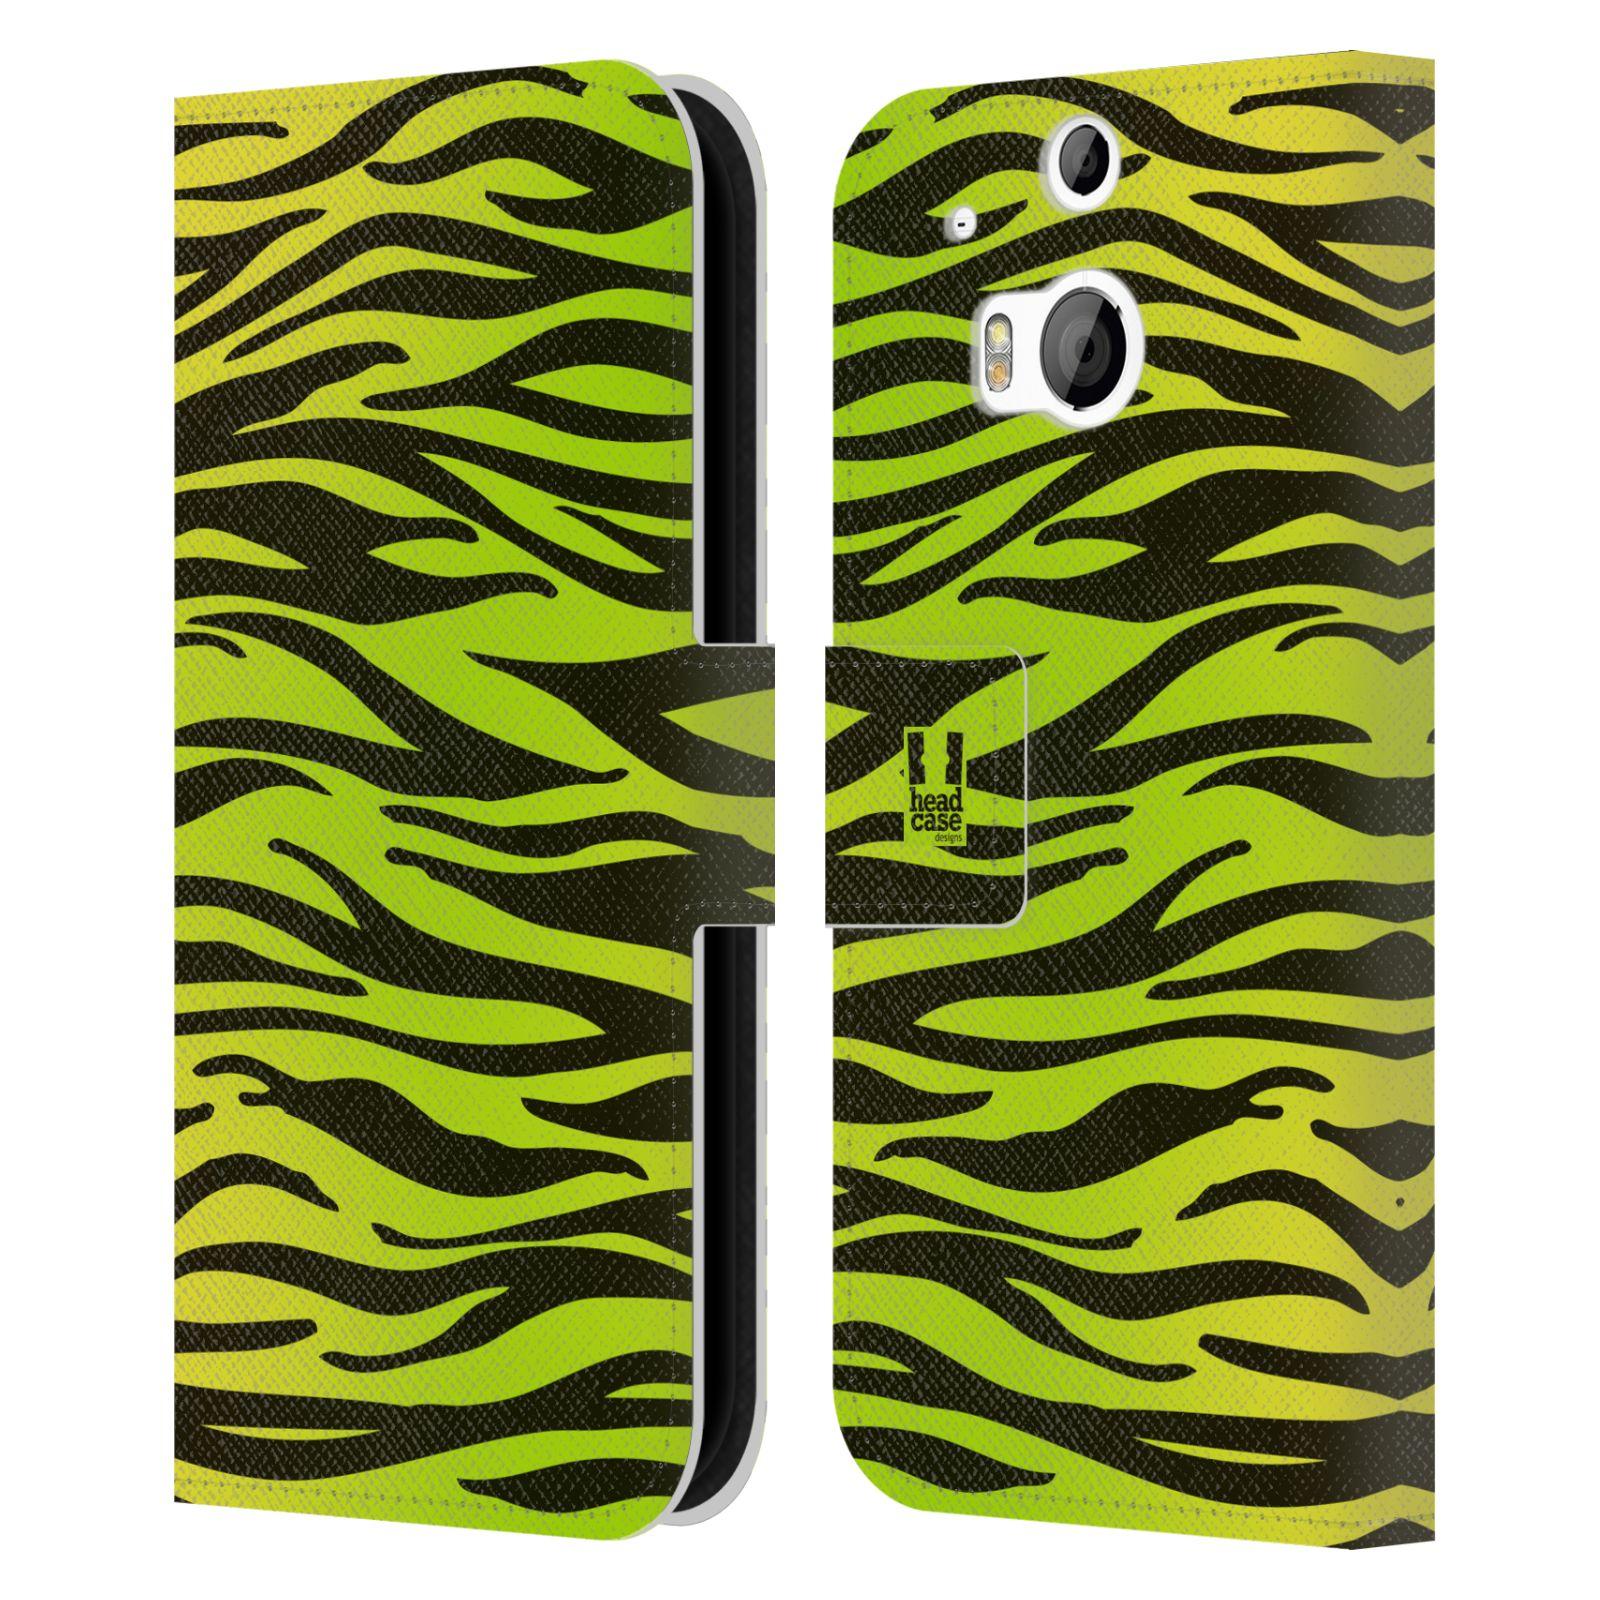 HEAD CASE Flipové pouzdro pro mobil HTC ONE (M8, M8s) Zvířecí barevné vzory žlutozelená zebra